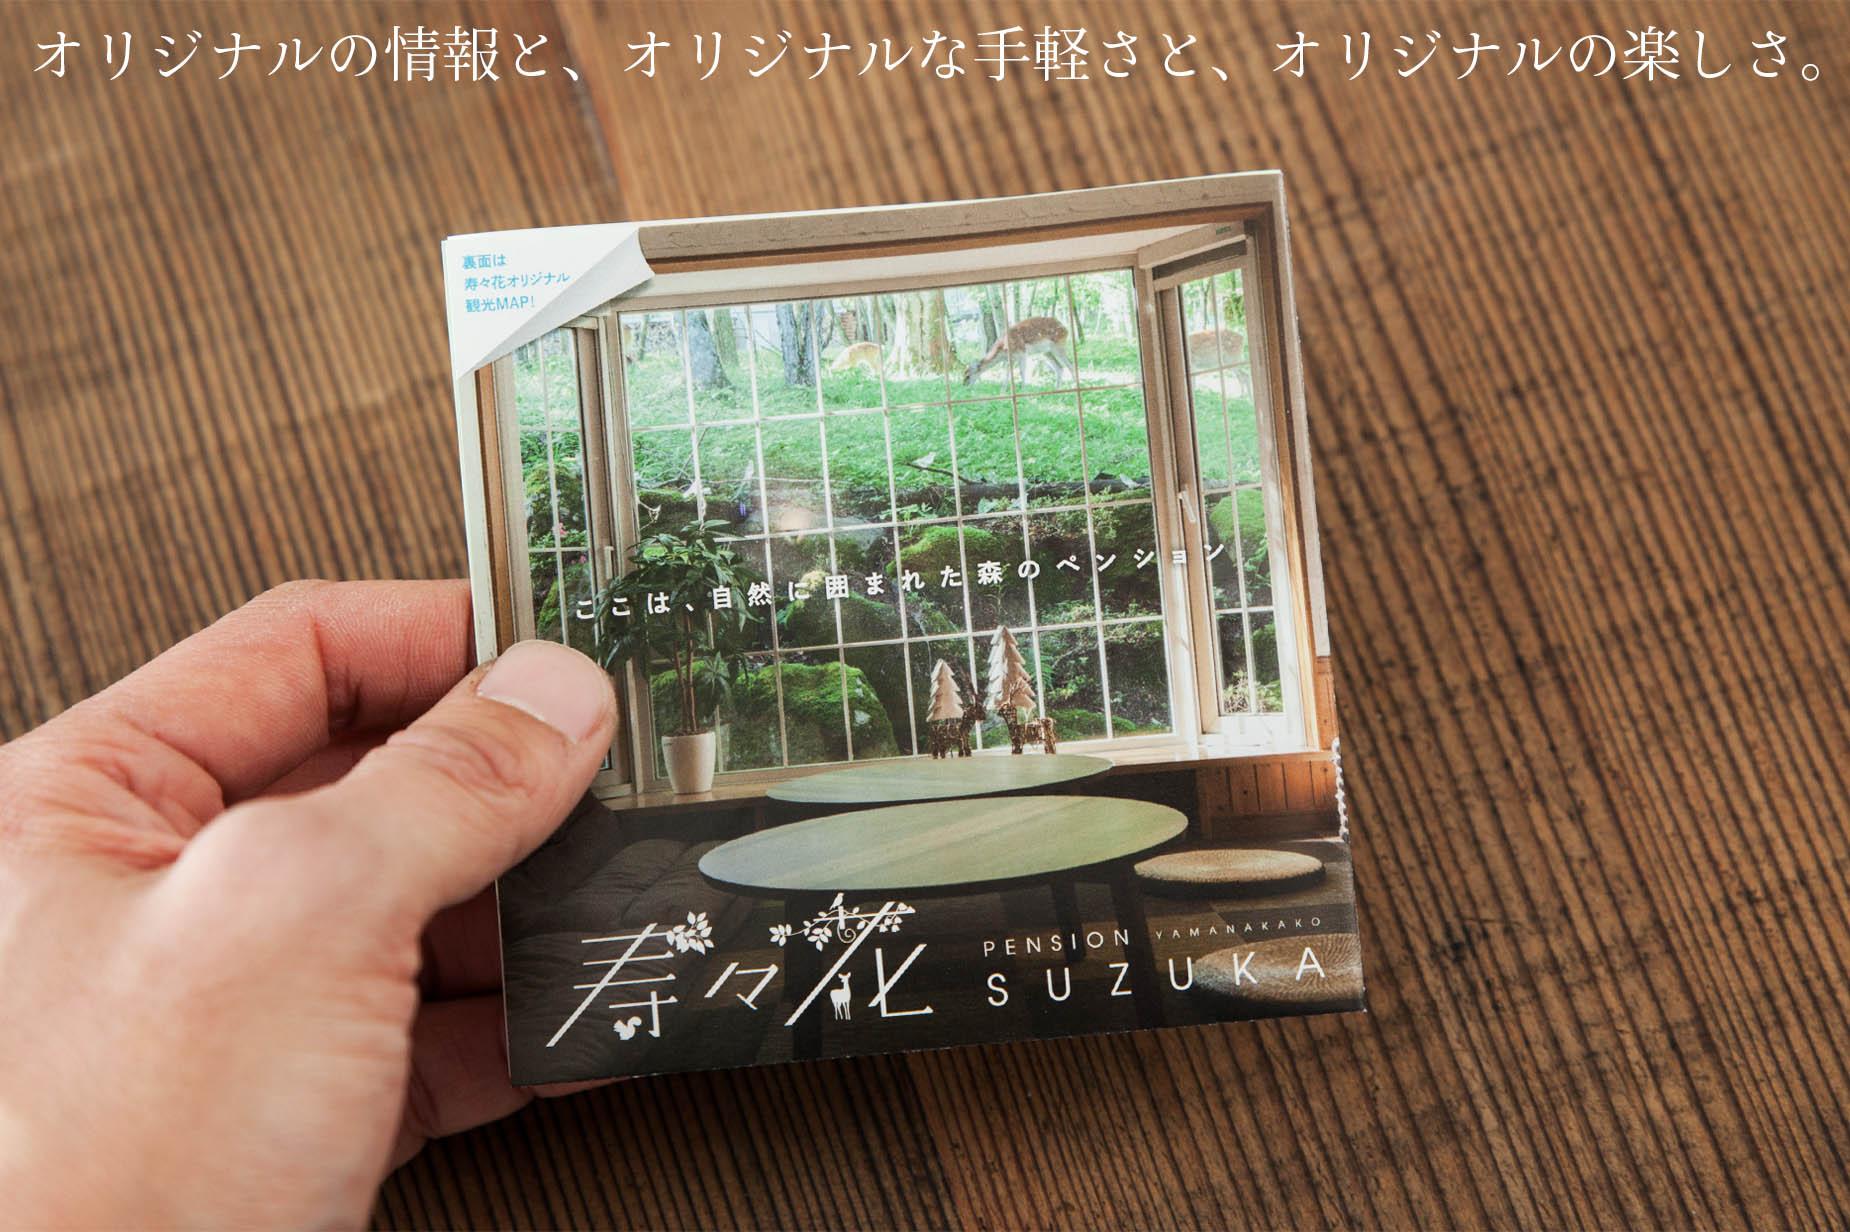 20160212_寿々花様パンフレット